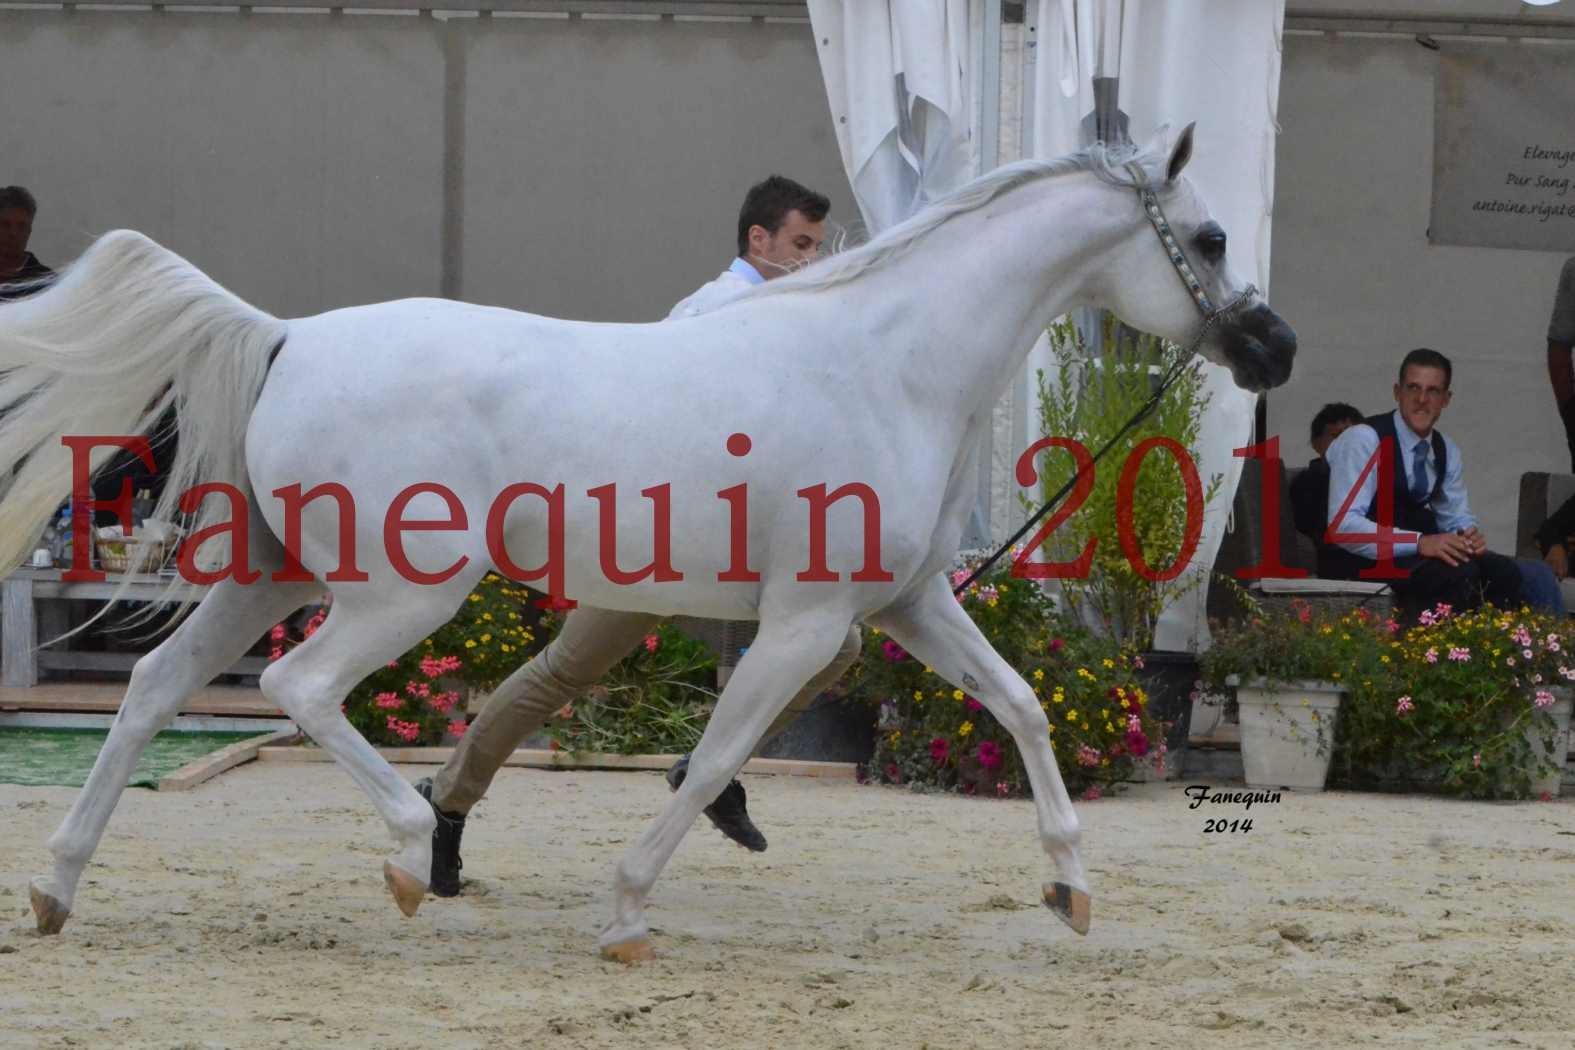 CHAMPIONNAT DE FRANCE 2014 A POMPADOUR - Notre Sélection - BLEUENN MILIN AVEL - 03